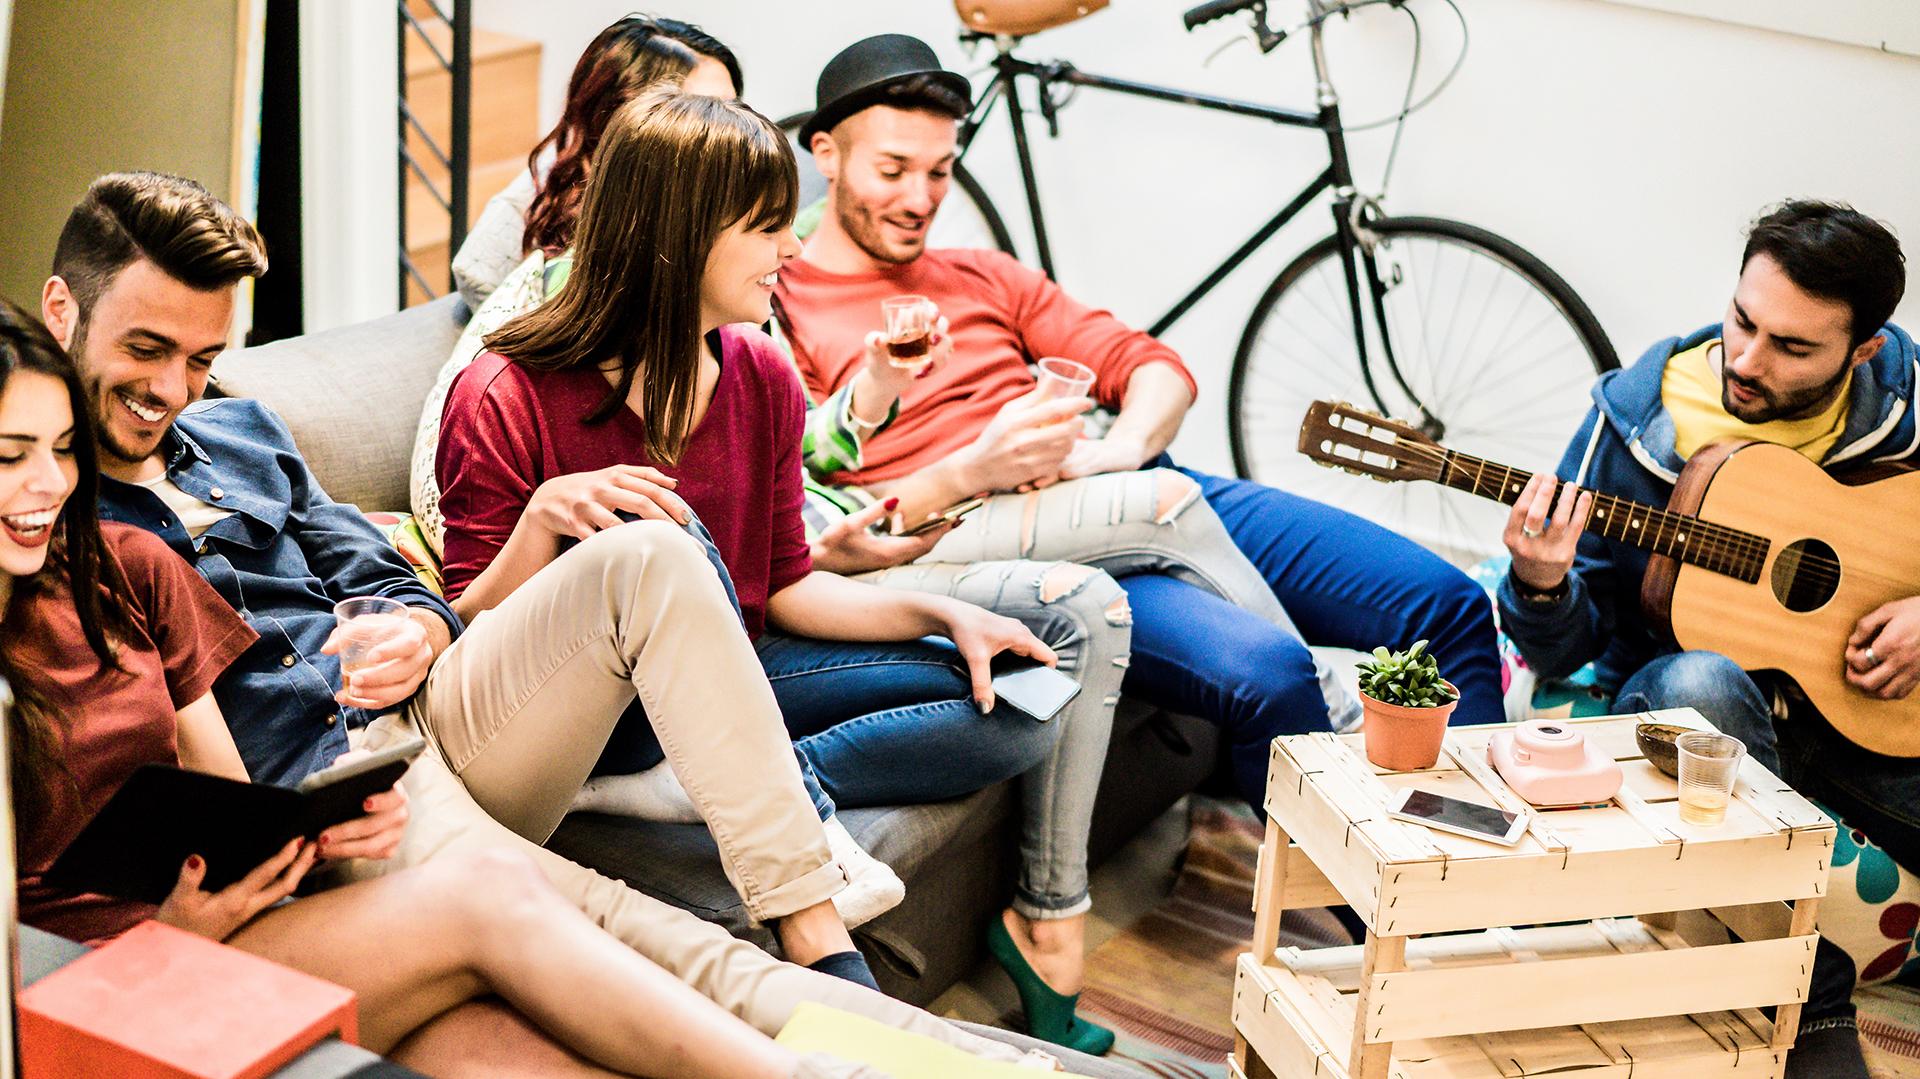 La investigación de la UCA abarcó el estudio de 4689 jóvenes urbanos entre 18 y 29 años de los principales aglomerados urbanos de la Argentina. (Getty)